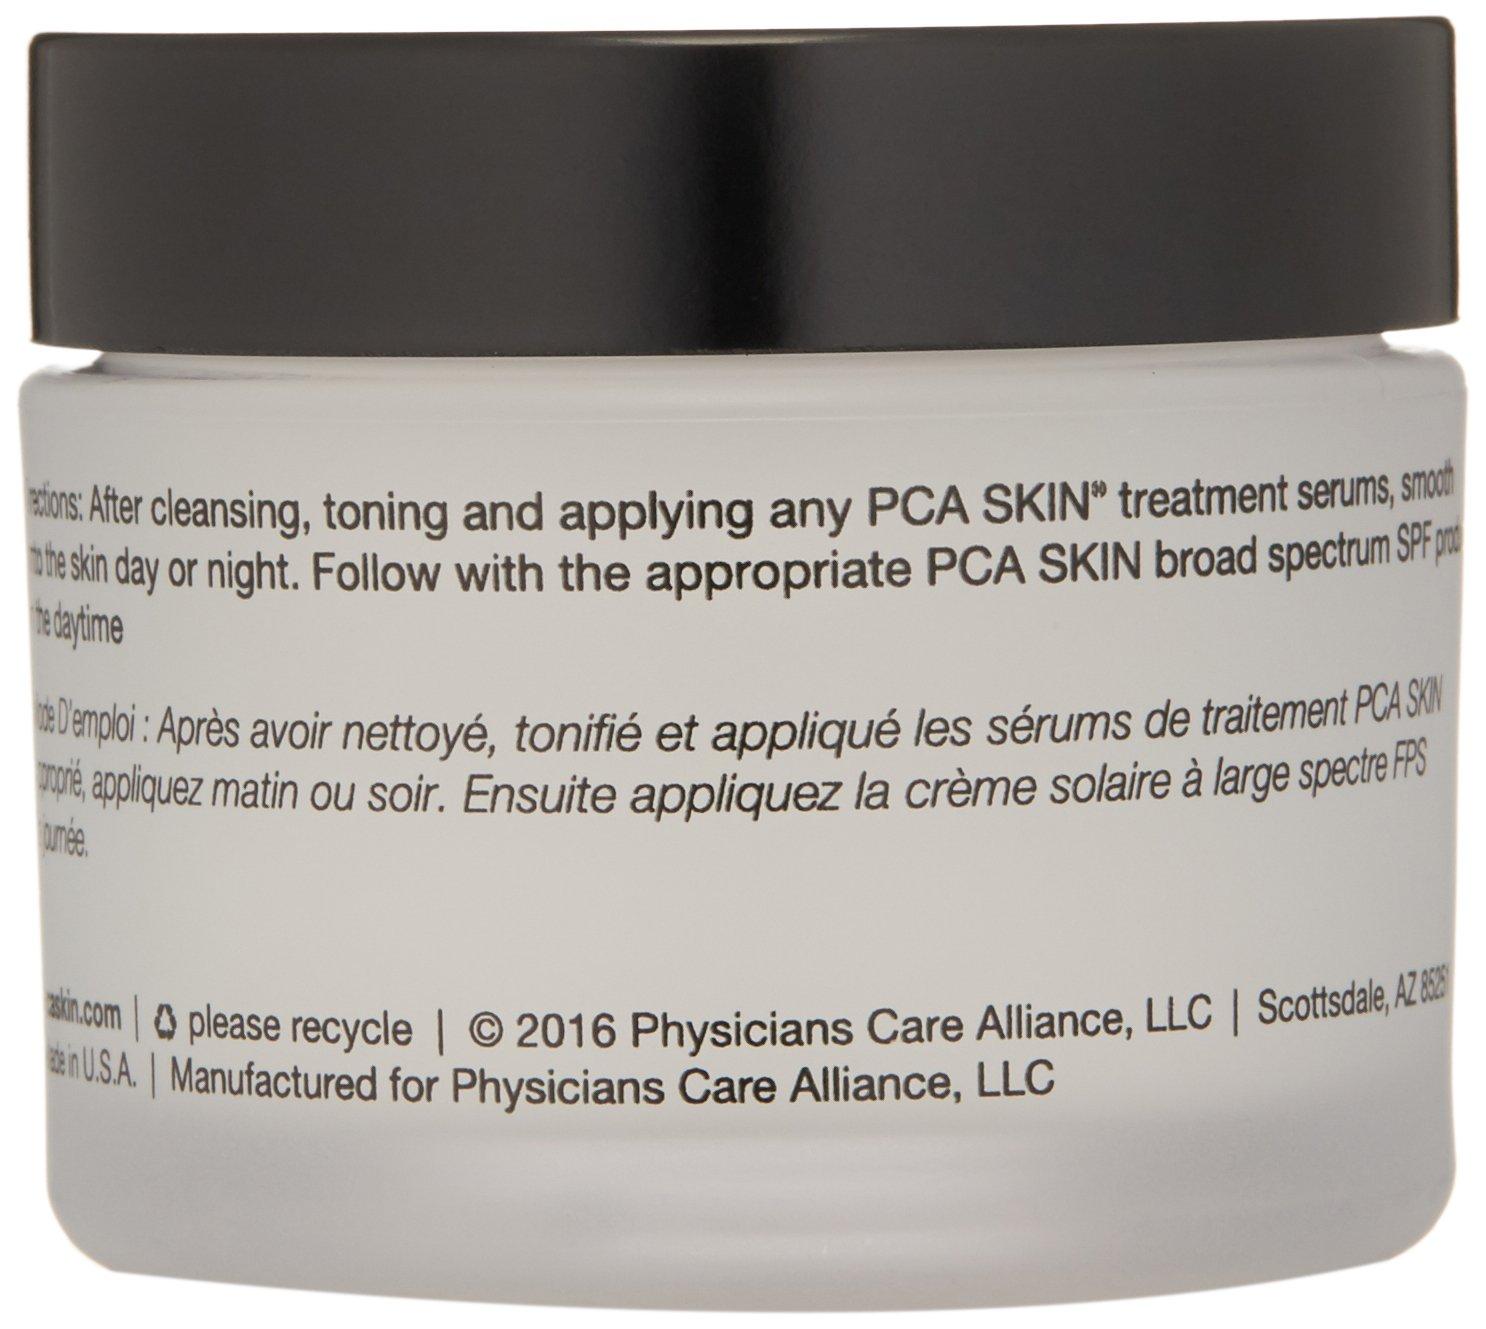 PCA SKIN Collagen Hydrator Antioxidant Facial Cream, 1.7 oz